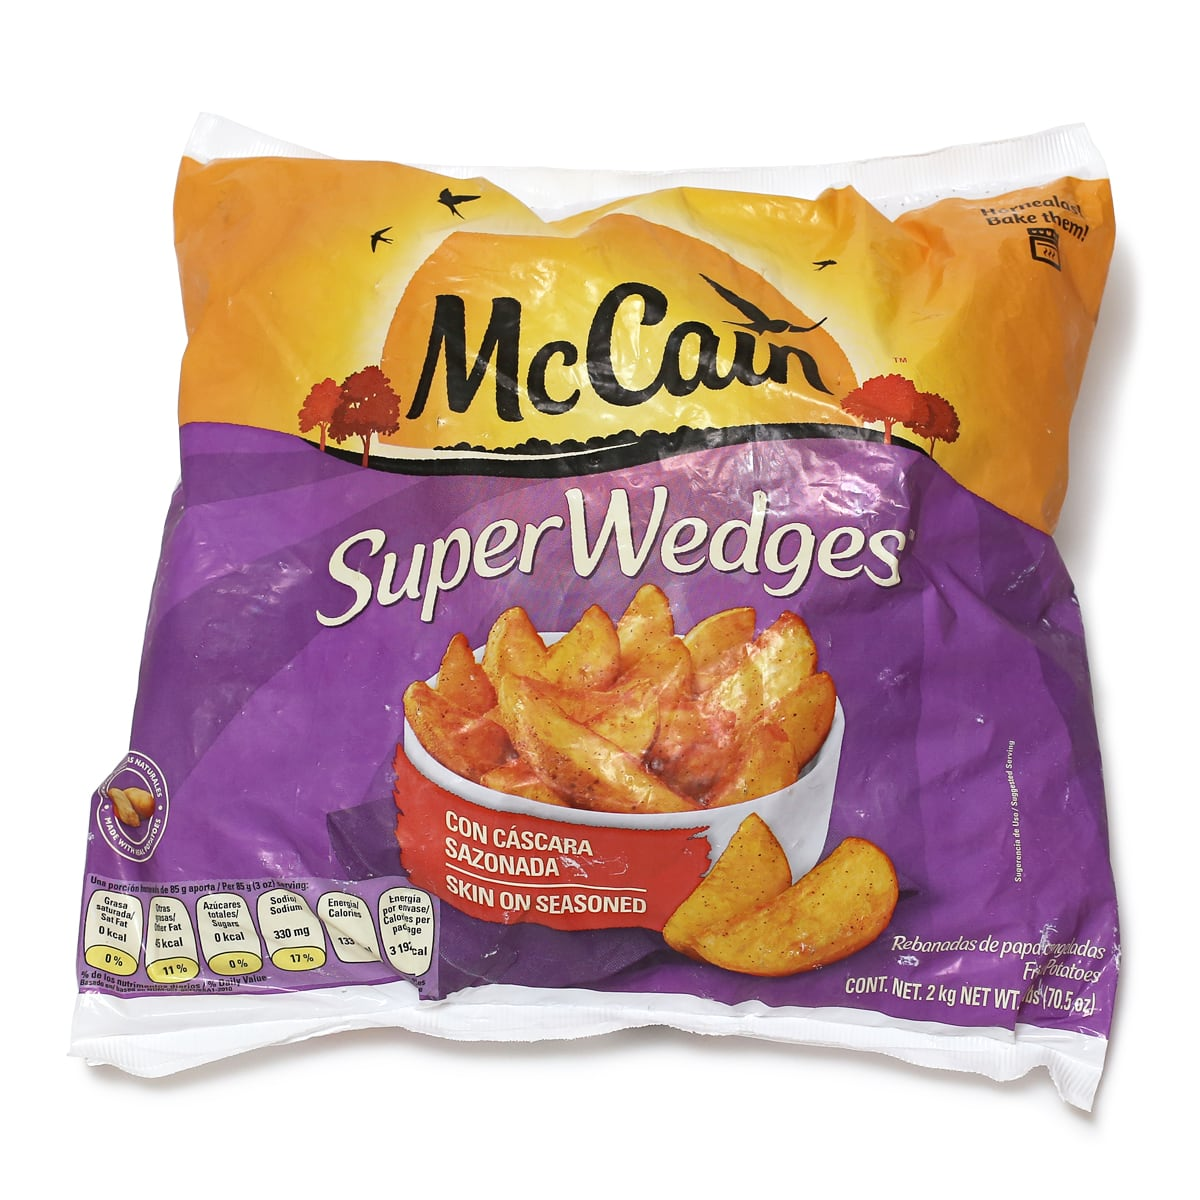 マッケイン 冷凍フライドポテト スーパーウェッジ 2kg